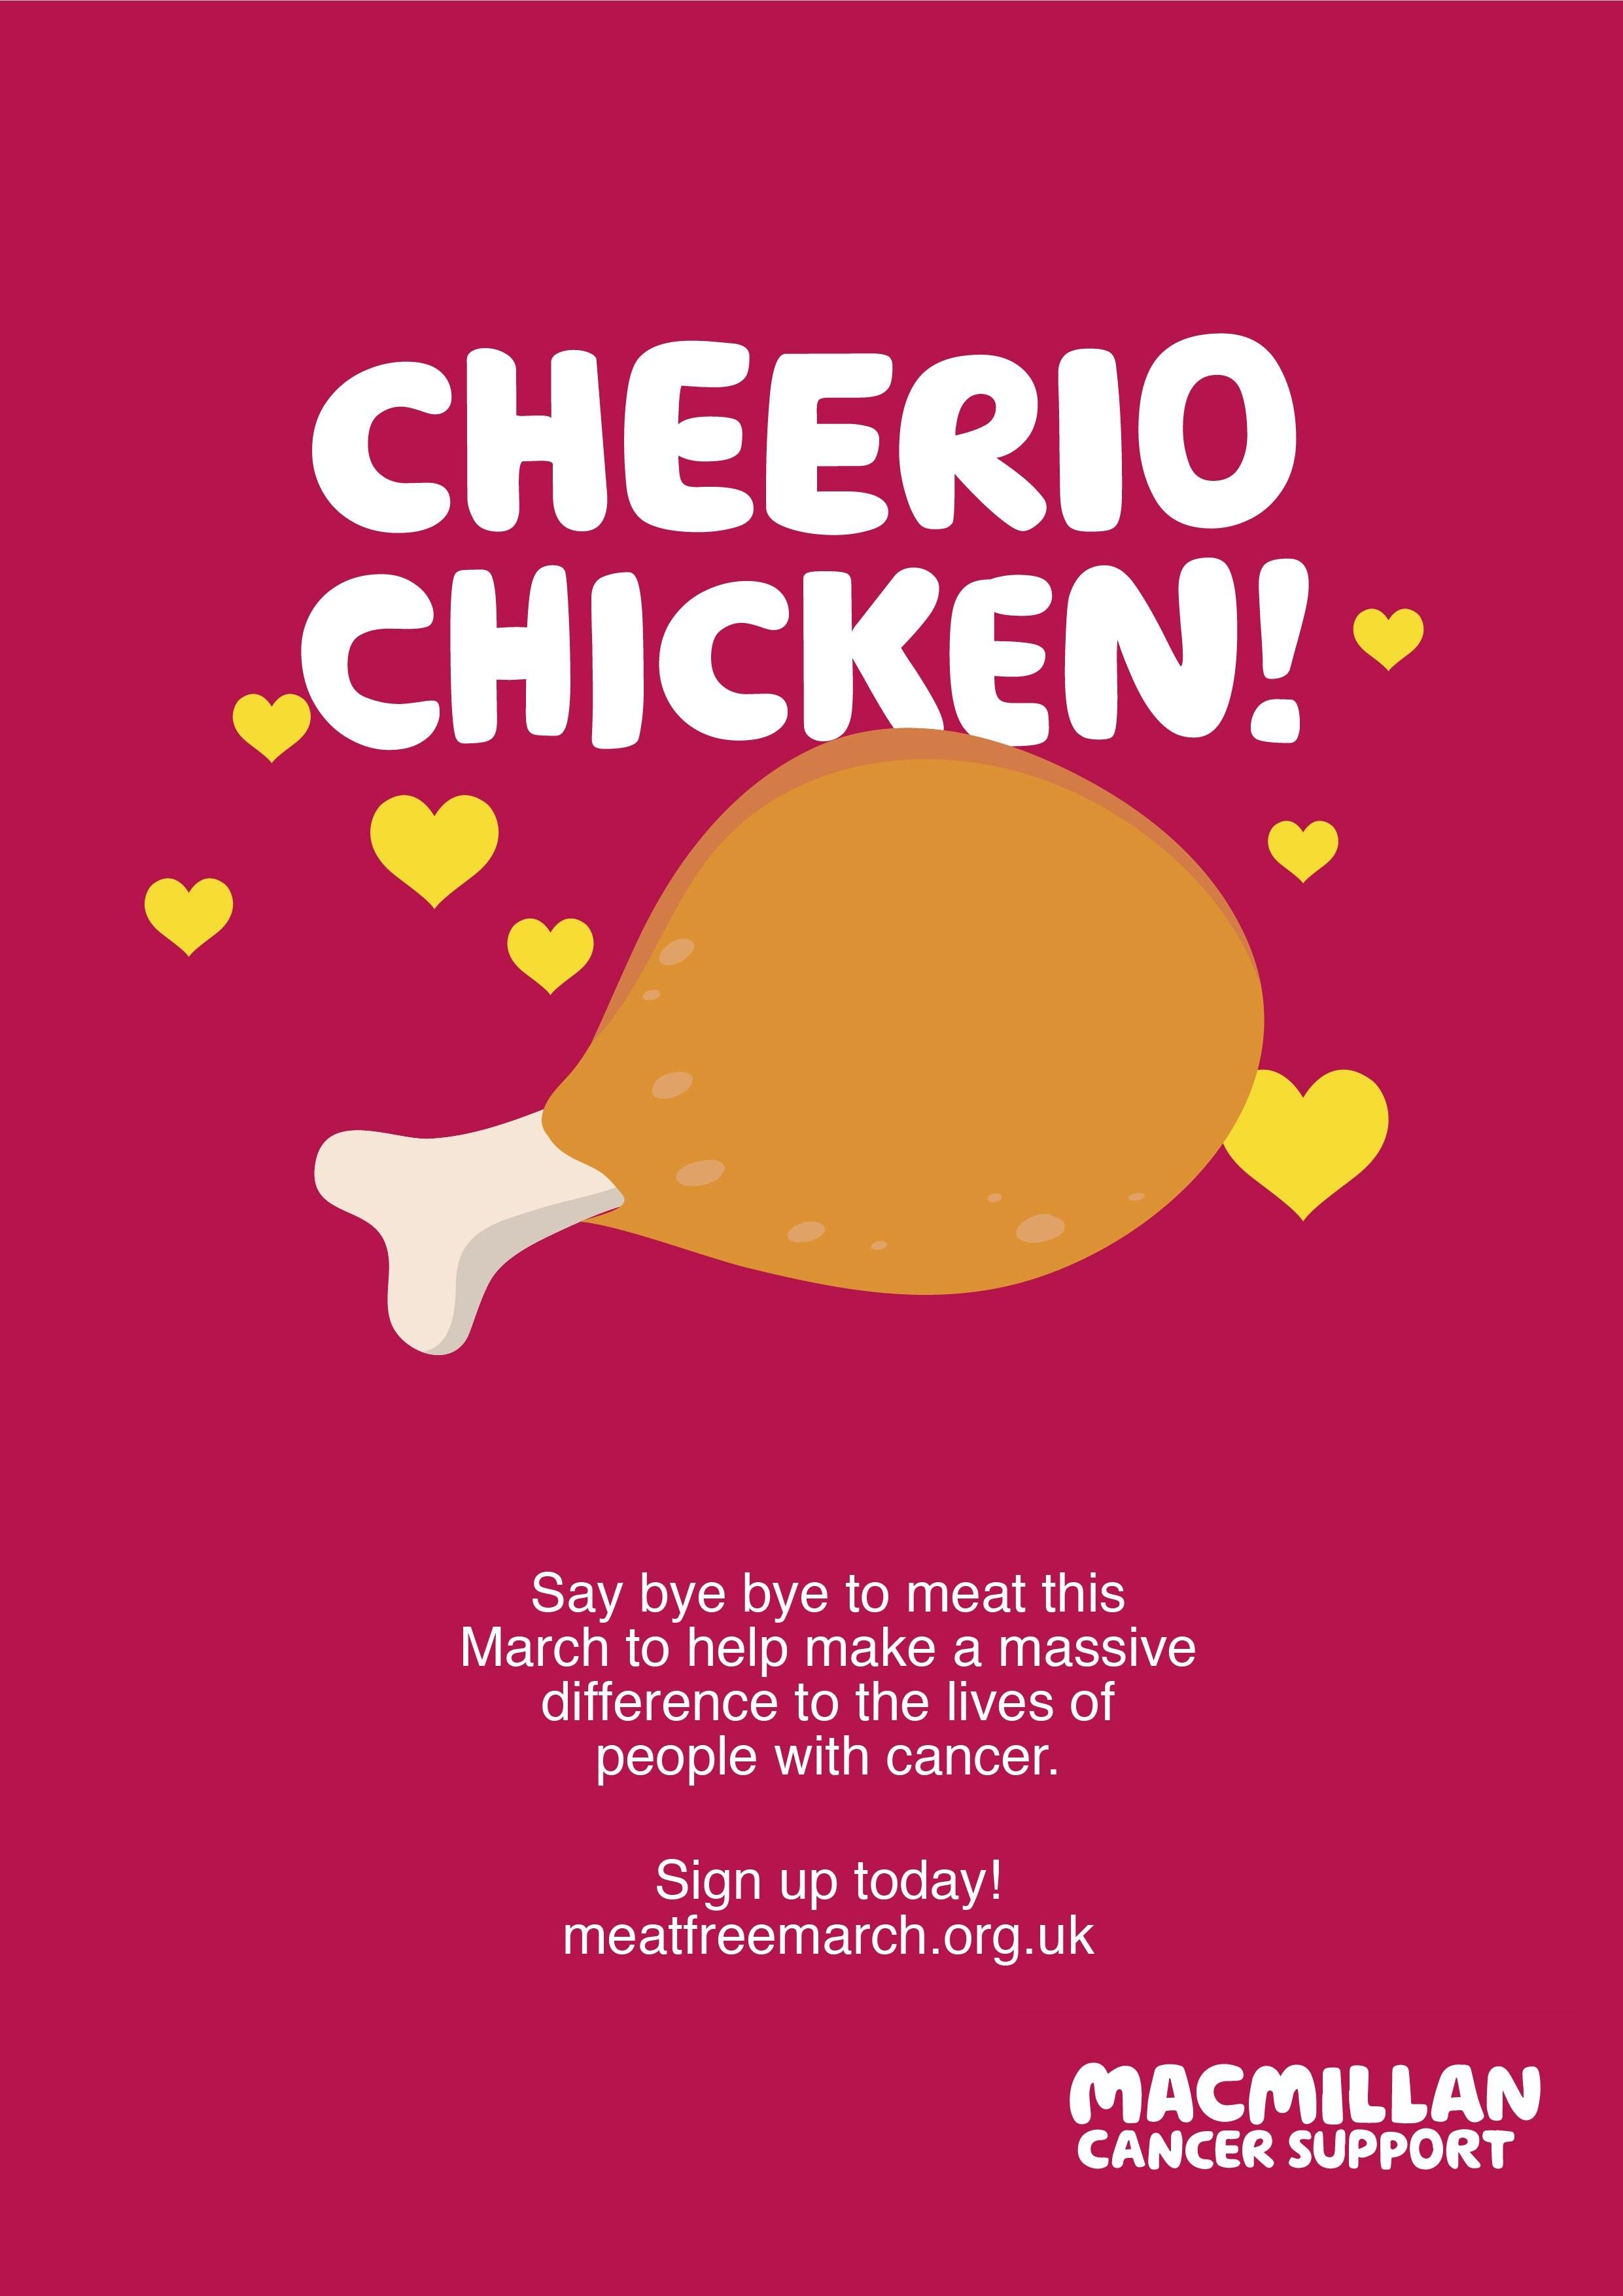 Pink background - cheerio chicken